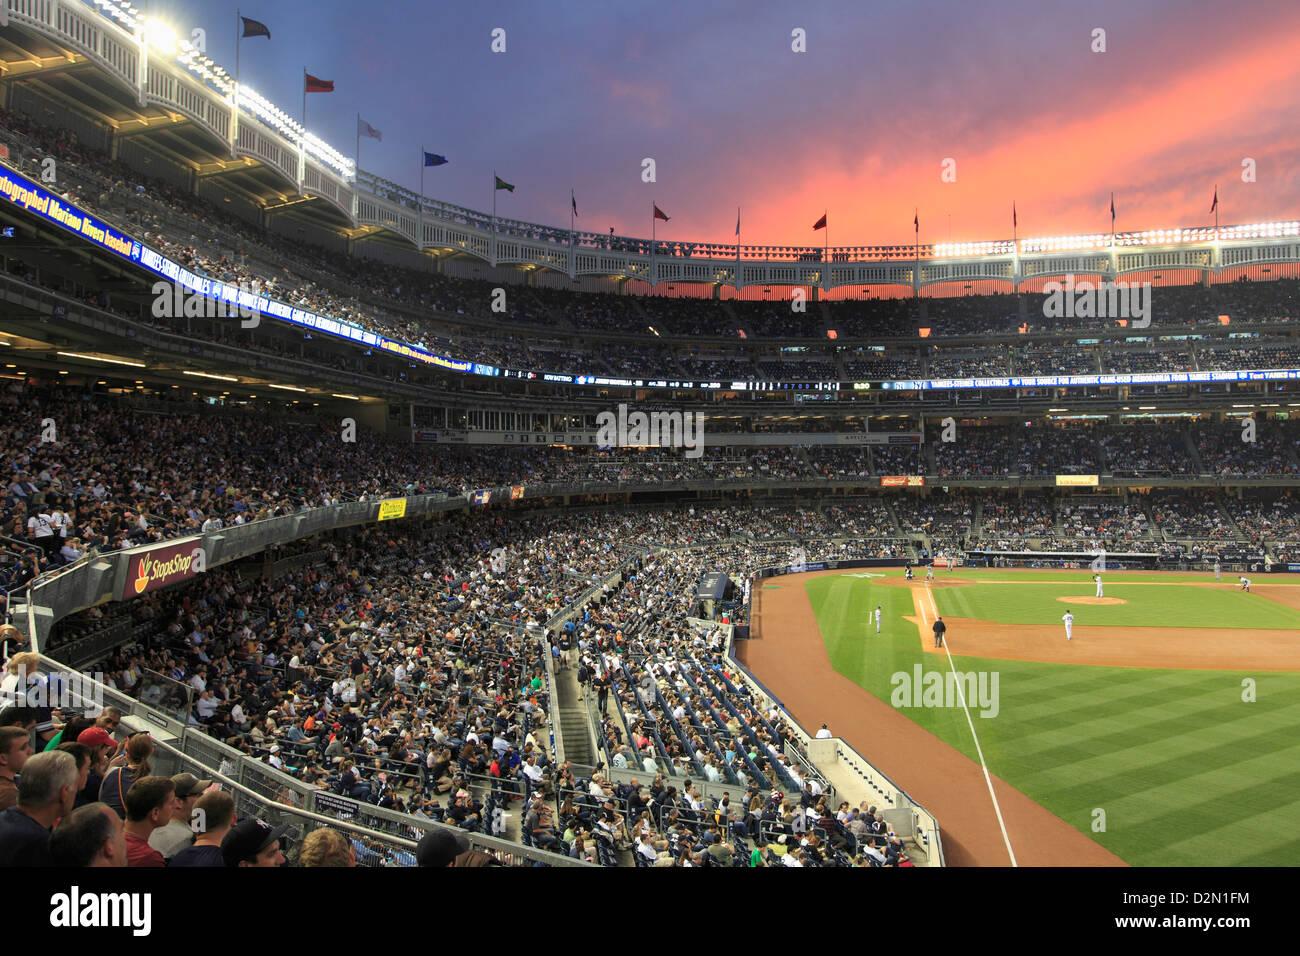 Juego de béisbol, el Yankee Stadium, Bronx, Nueva York, Estados Unidos de América, América del Norte Imagen De Stock